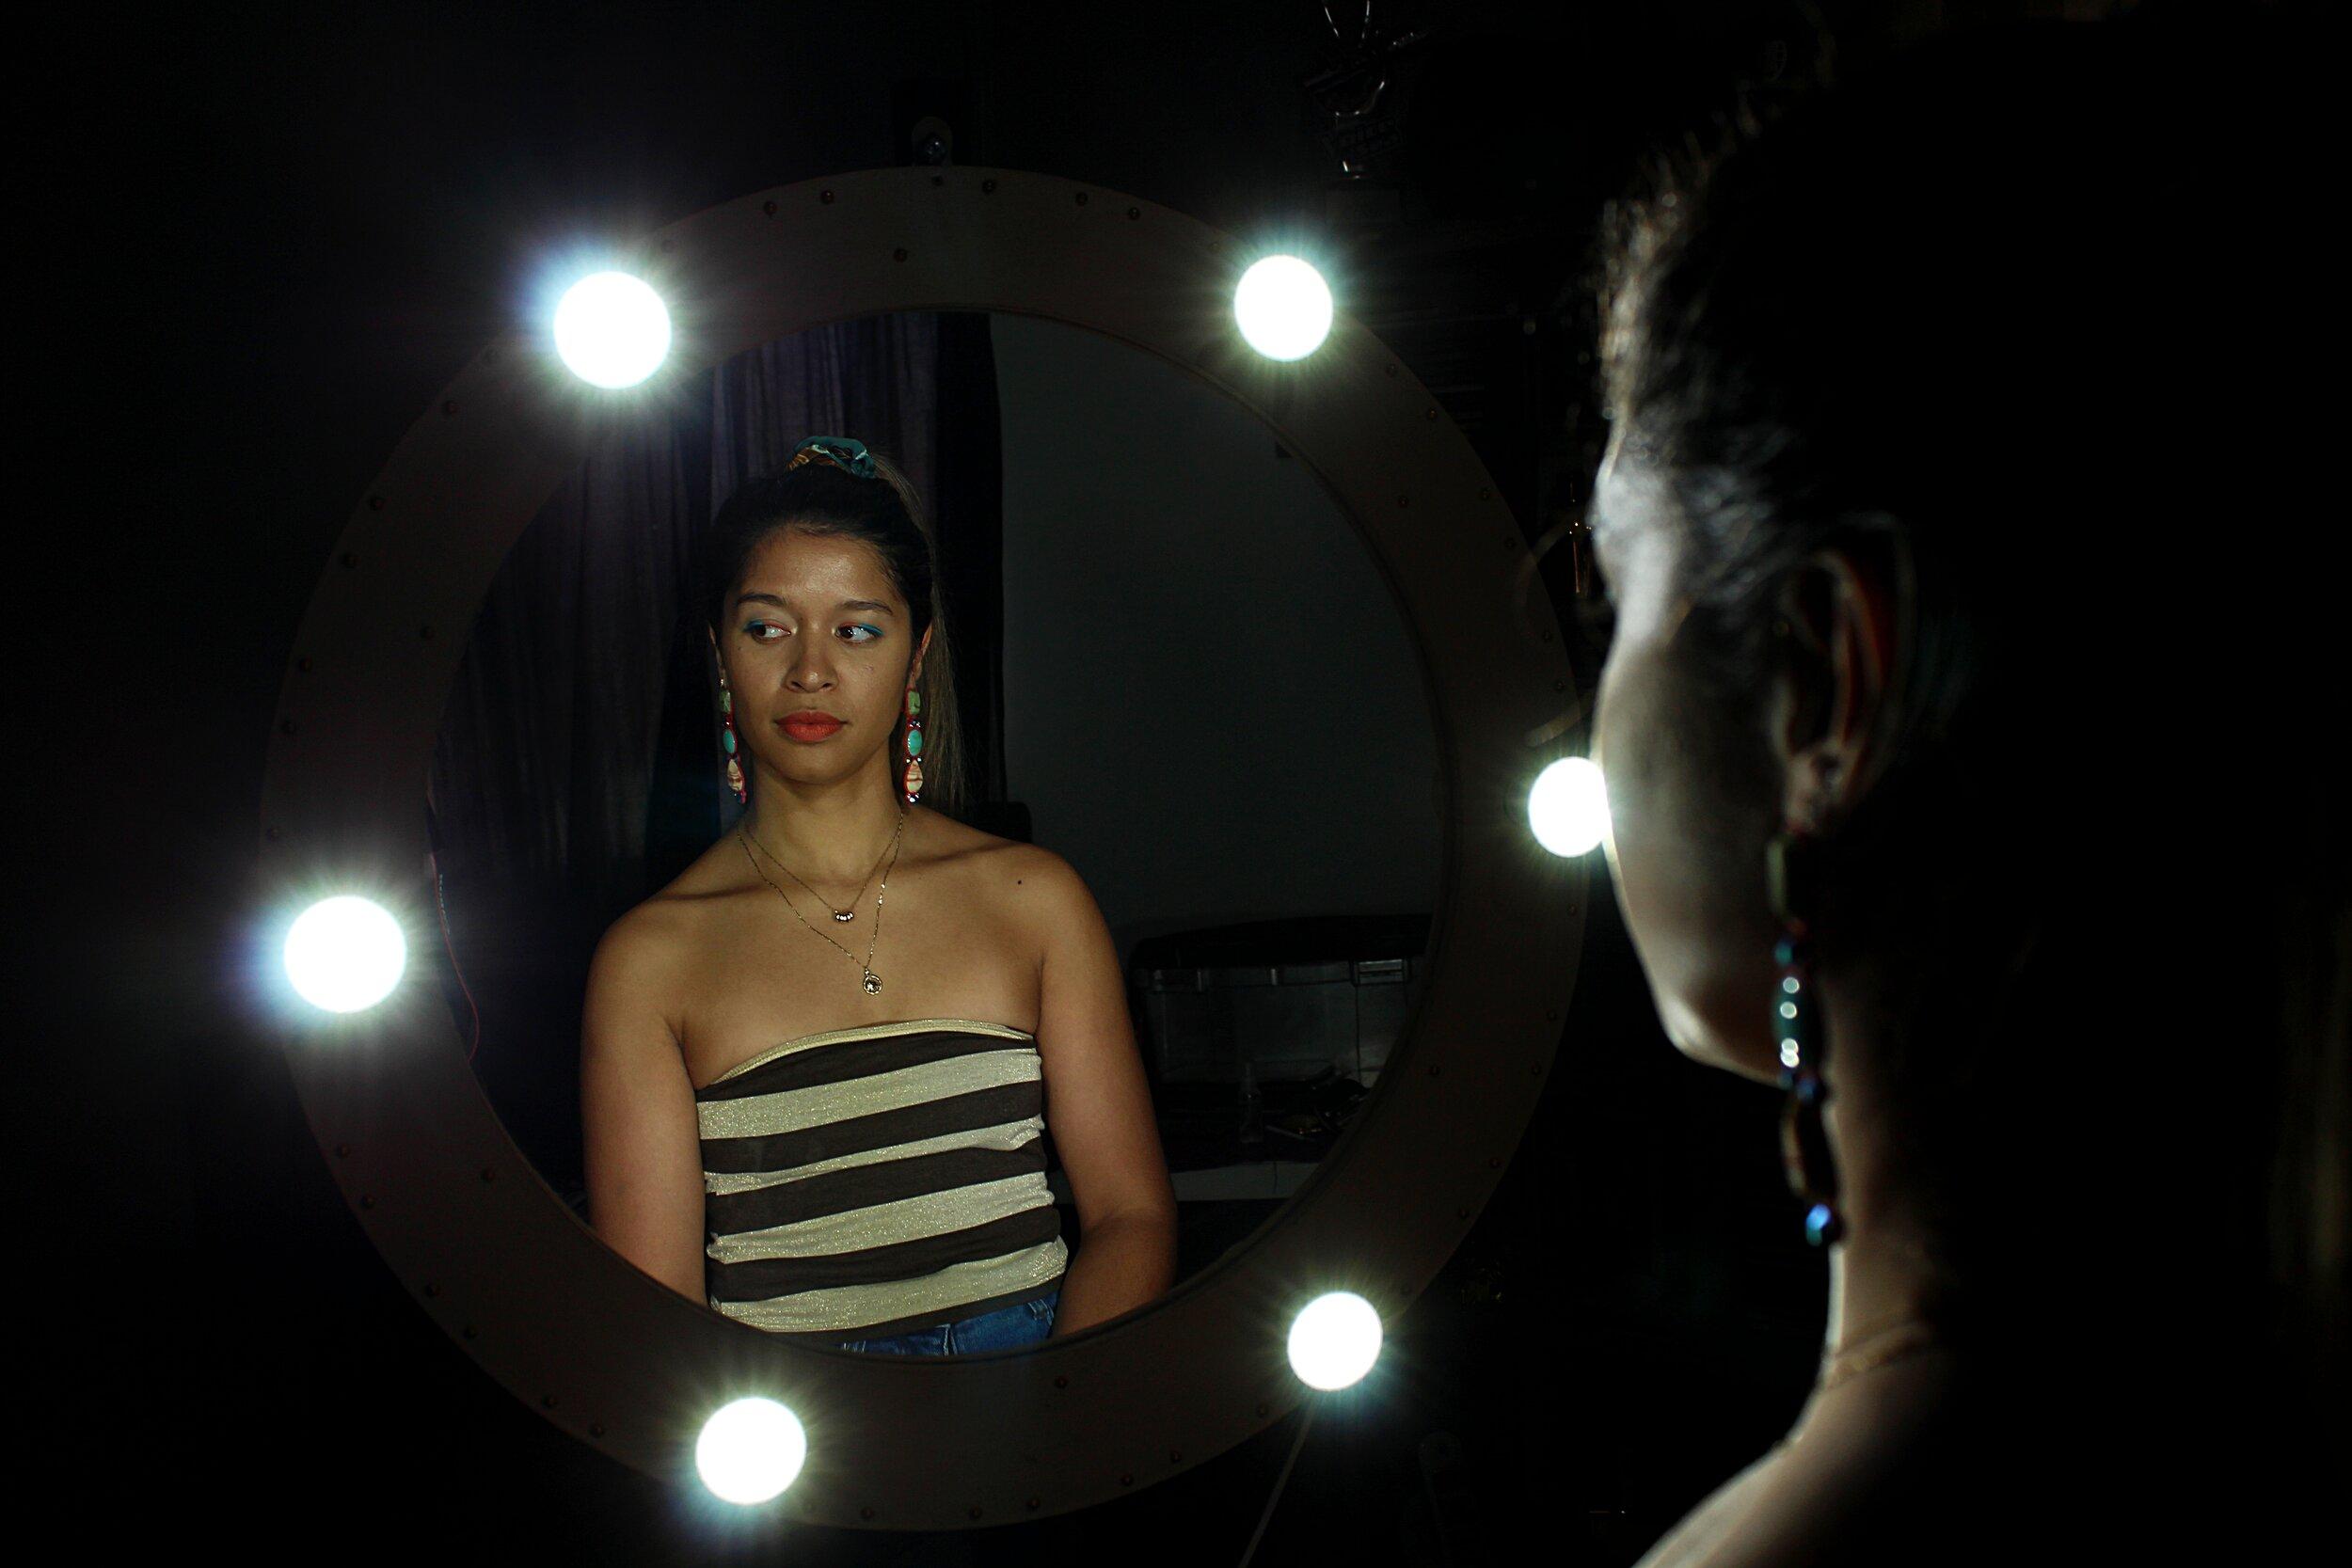 **Vanity mirror made by Robin Veldsman